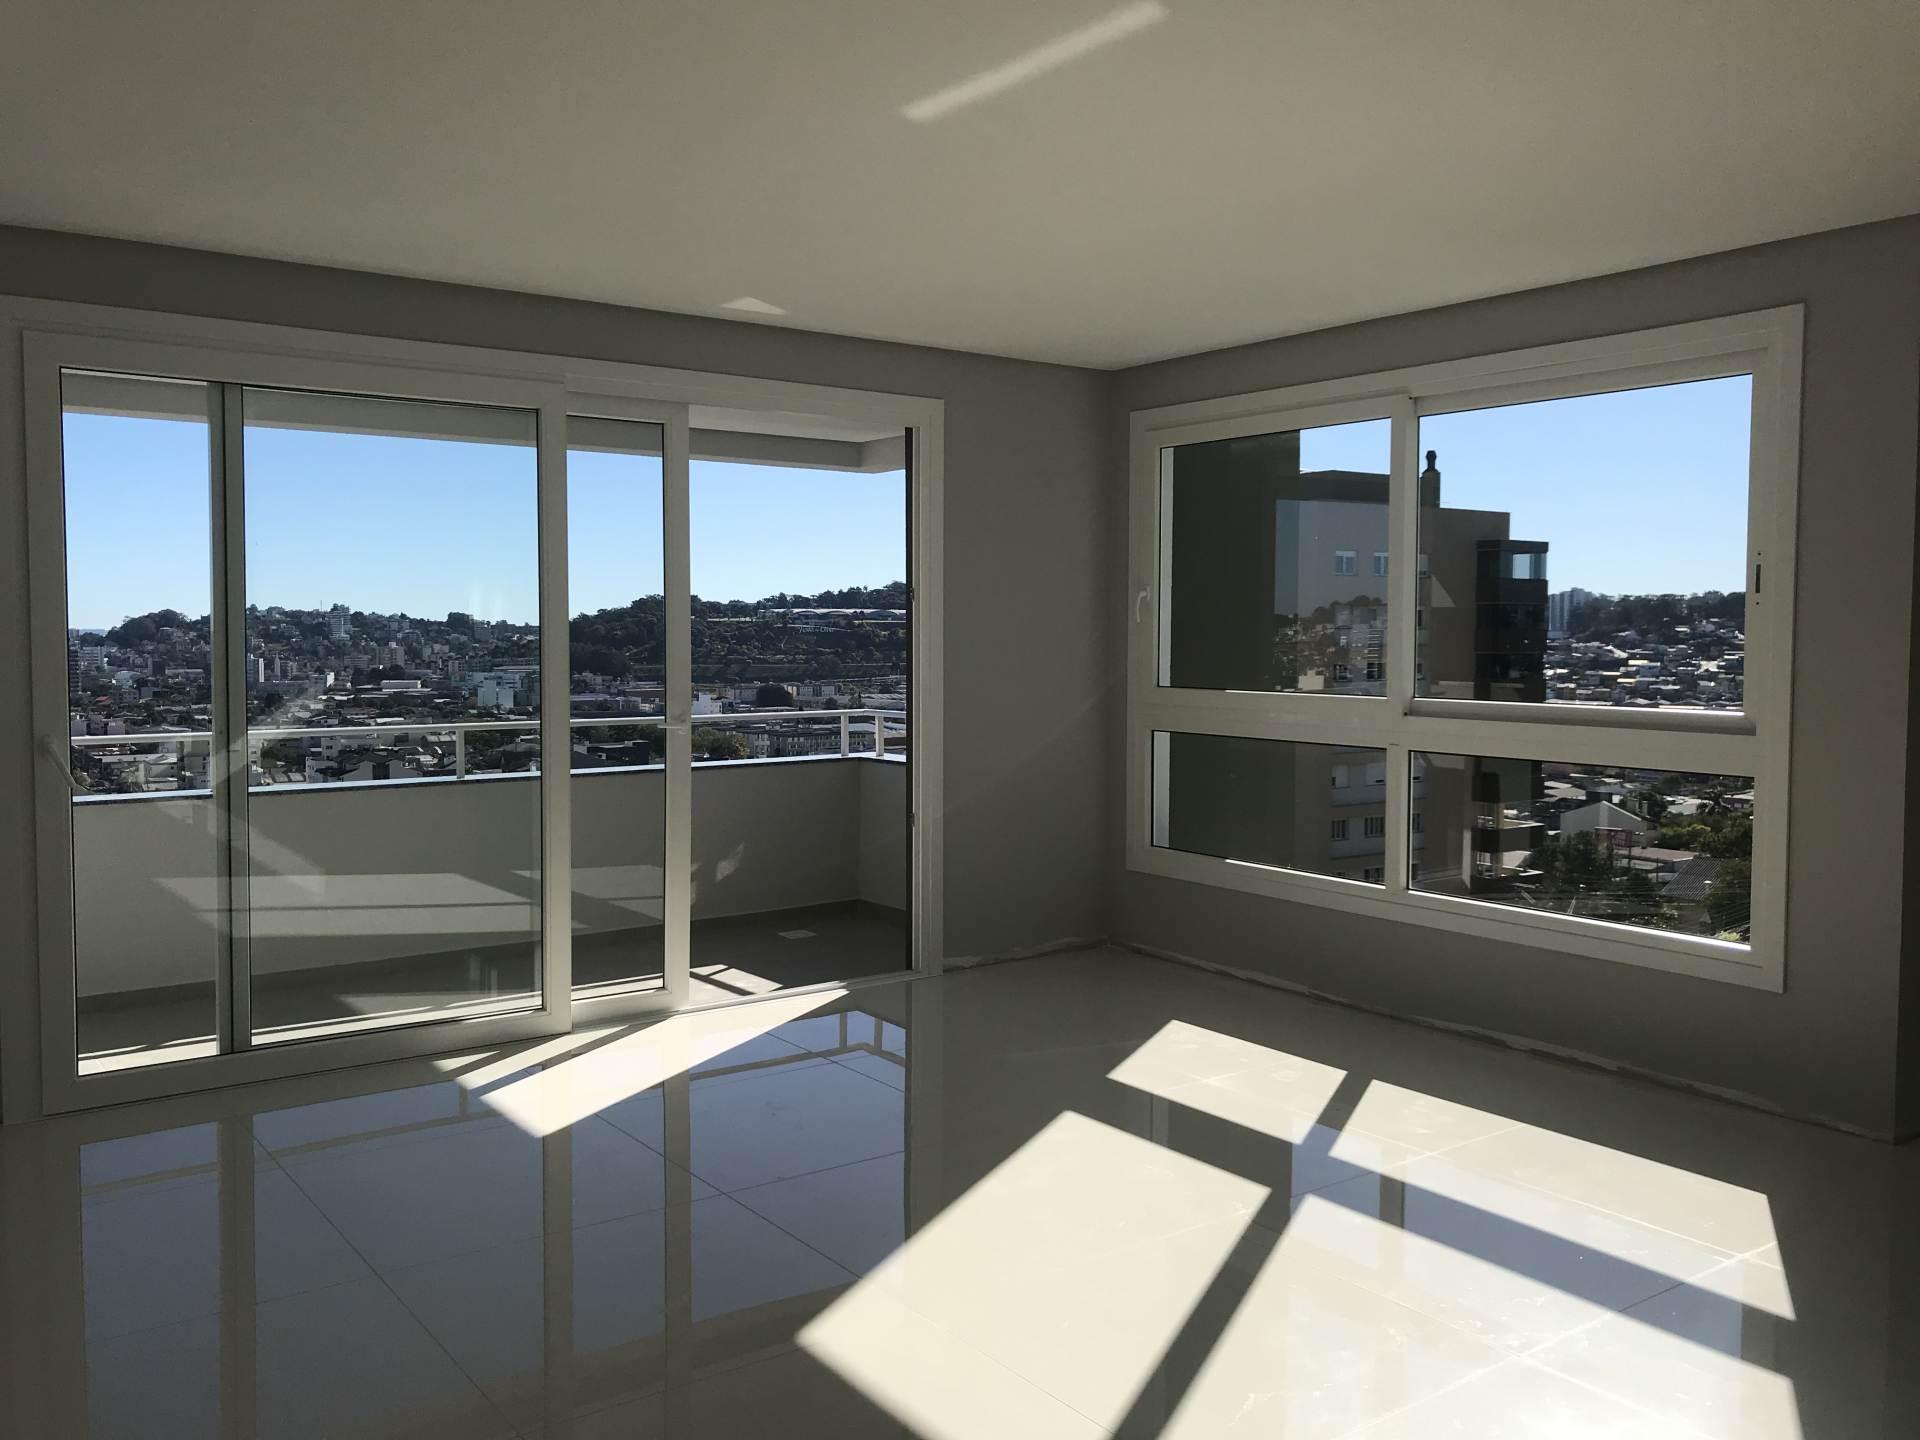 Já imaginou chegar em casa e ver um pôr do sol entrando no seu apartamento?!